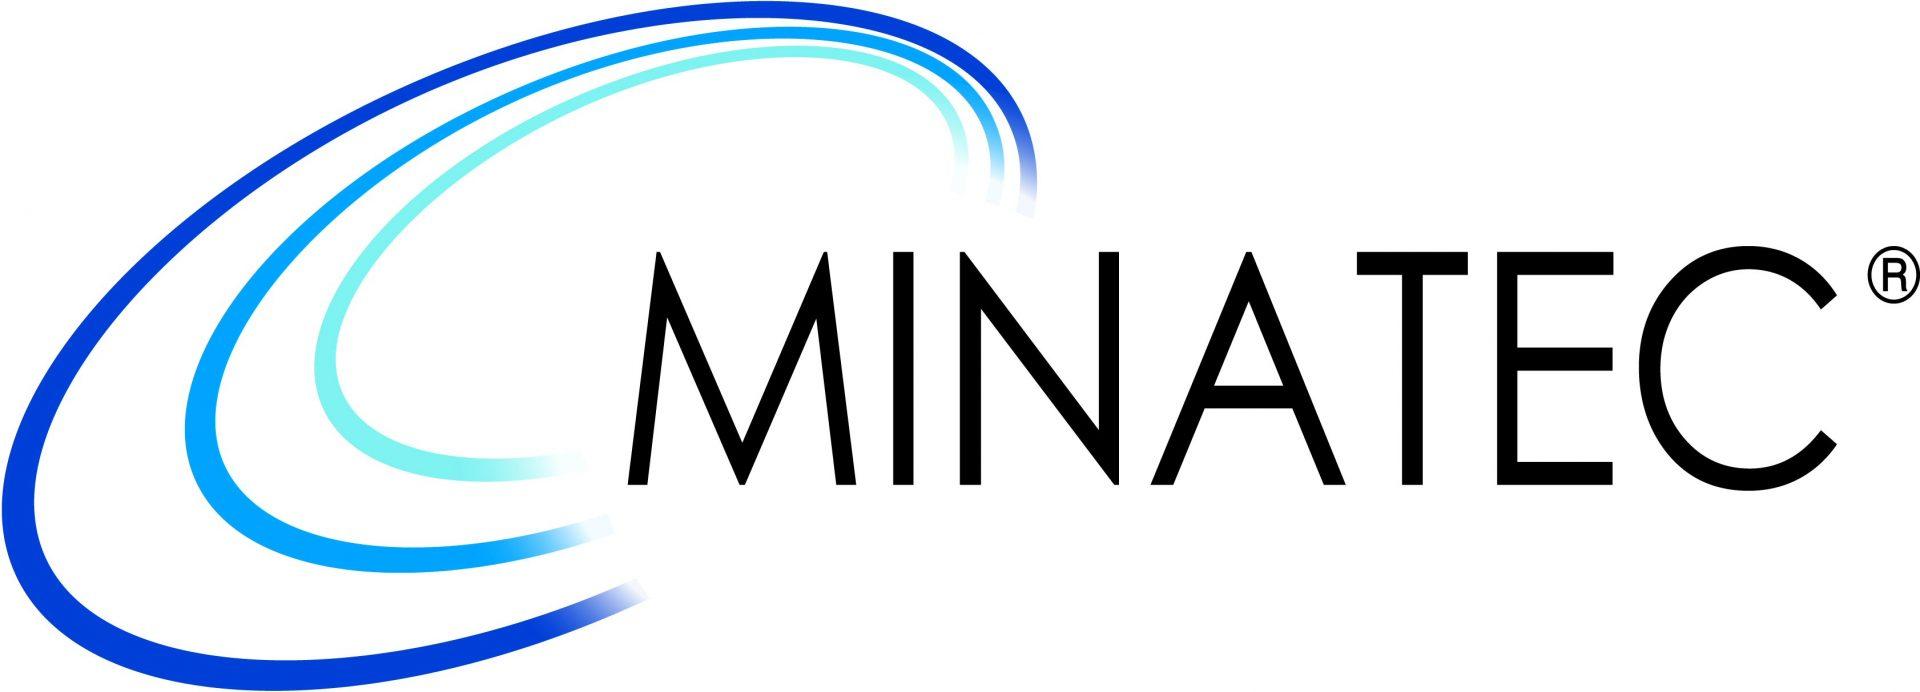 Minatec; Maison; Réseau IoT; Réseau public; Réseau privé: Sigfox,; LoraWan; Objenious; Orange; M-Bus; Wireless; Smart Building; Smart Industry; Smart City